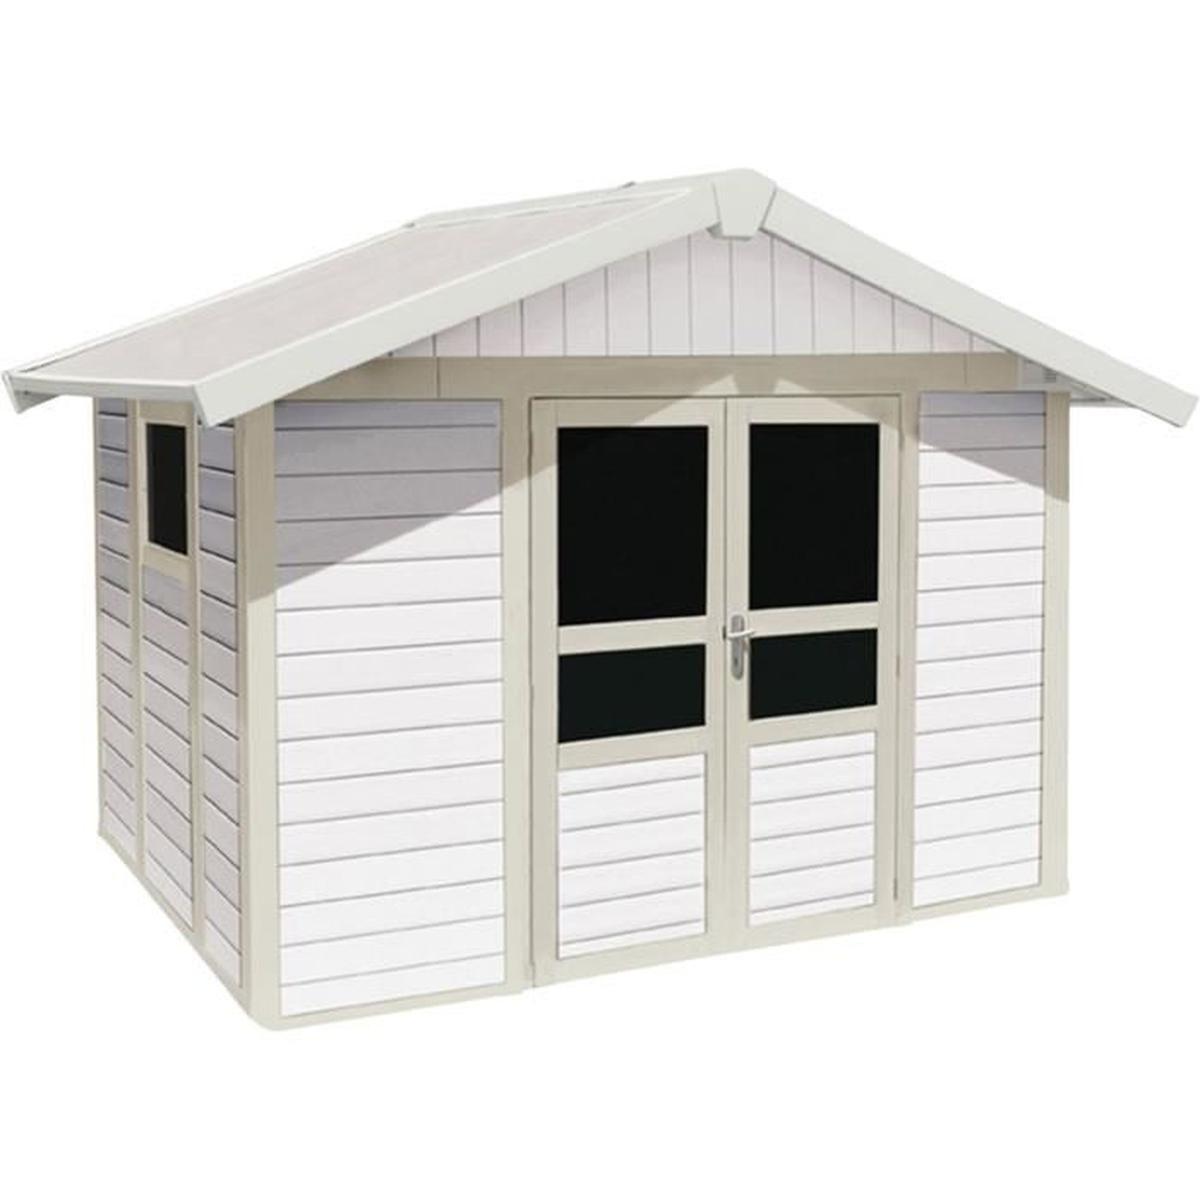 Basic Home Abri De Jardin Grosfillex Blanc En Pvc 11M² ... intérieur Abri De Jardin Cdiscount